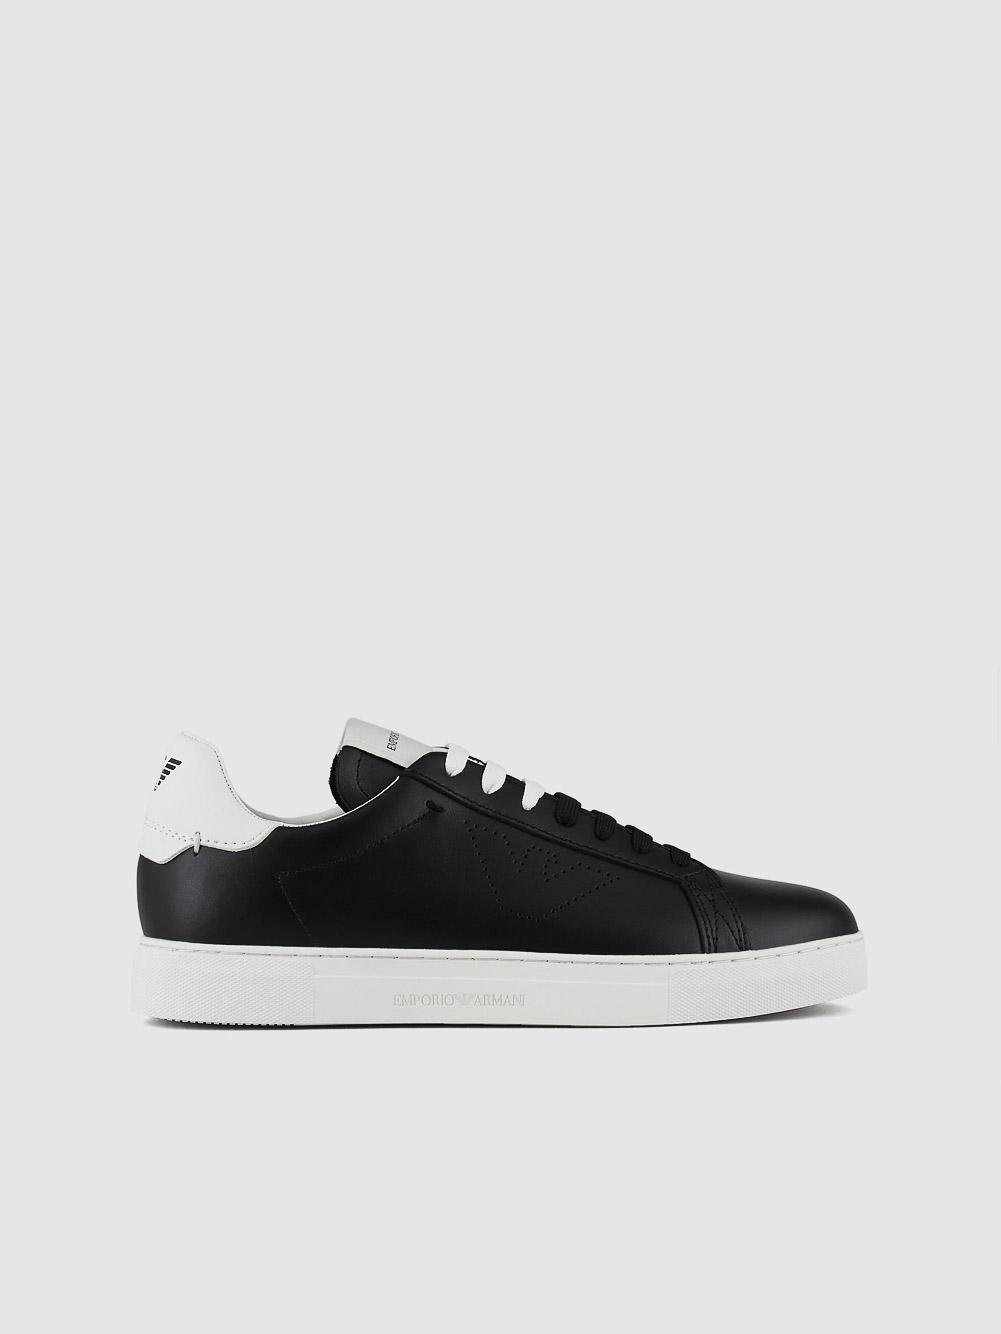 EMPORIO ARMANI Παπούτσια Sneaker X4X316XF527-N642 ΜΑΥΡΟ ΛΕΥΚΟ